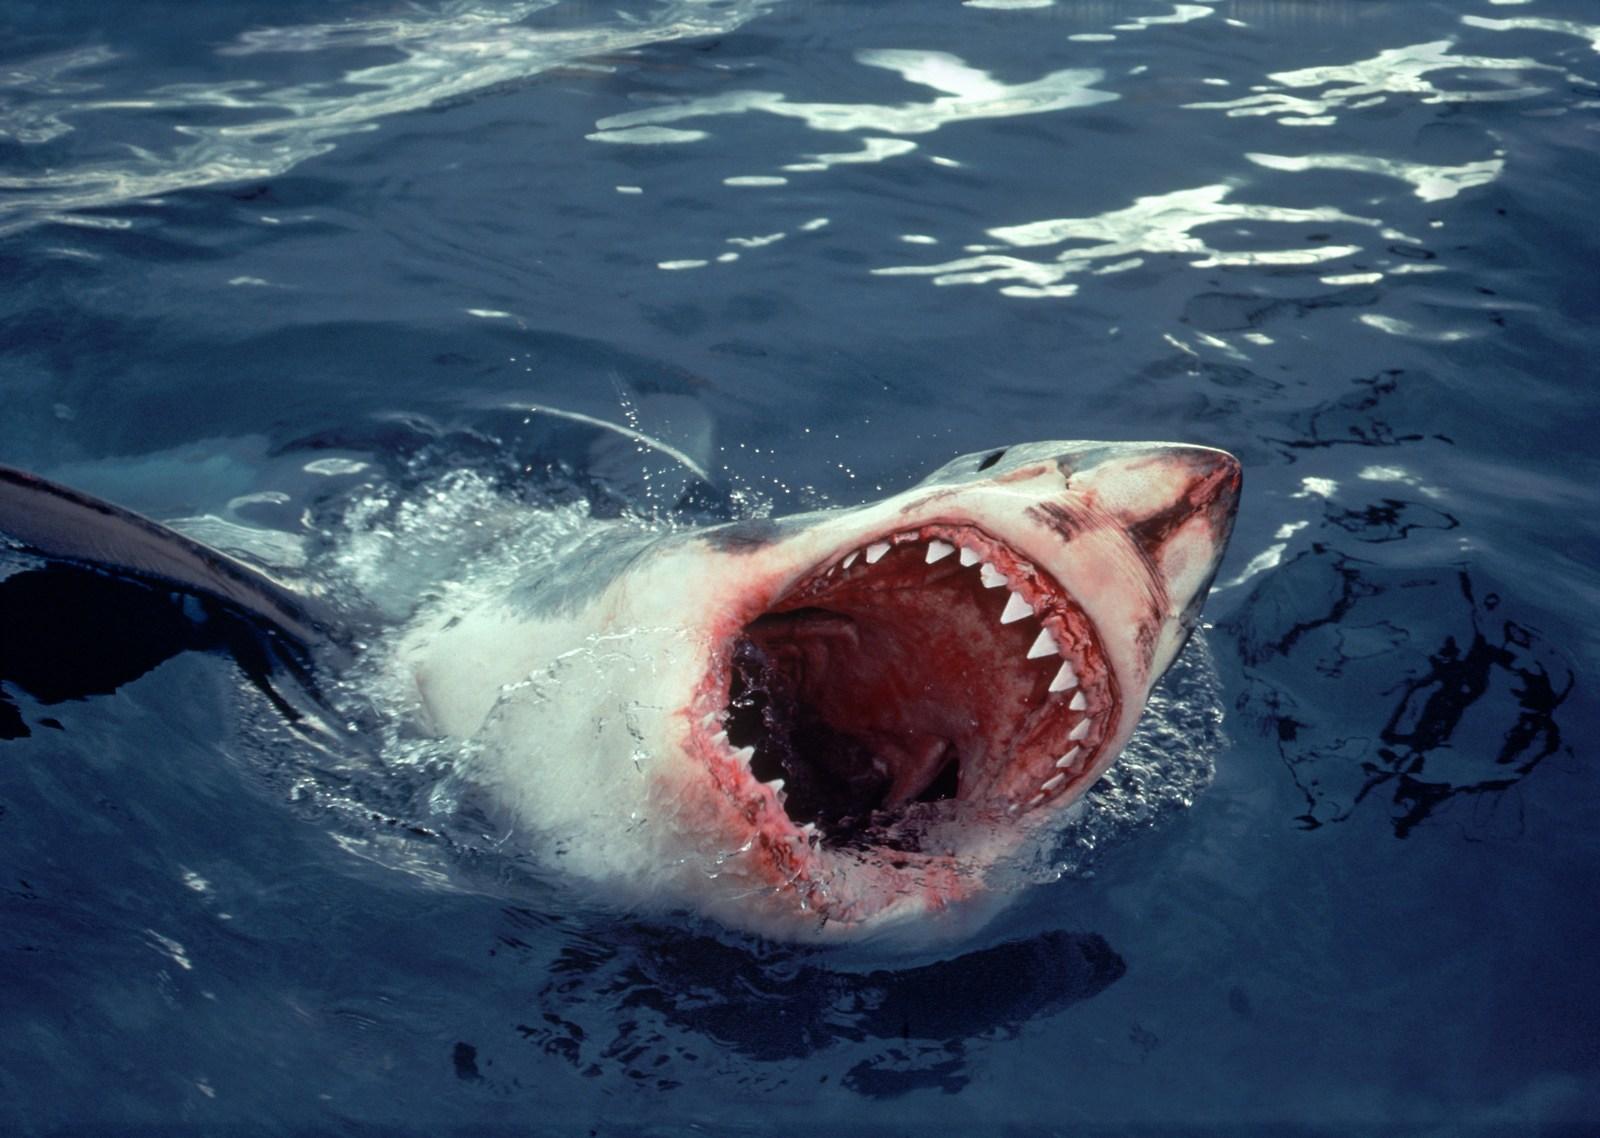 Killer whale eating shark